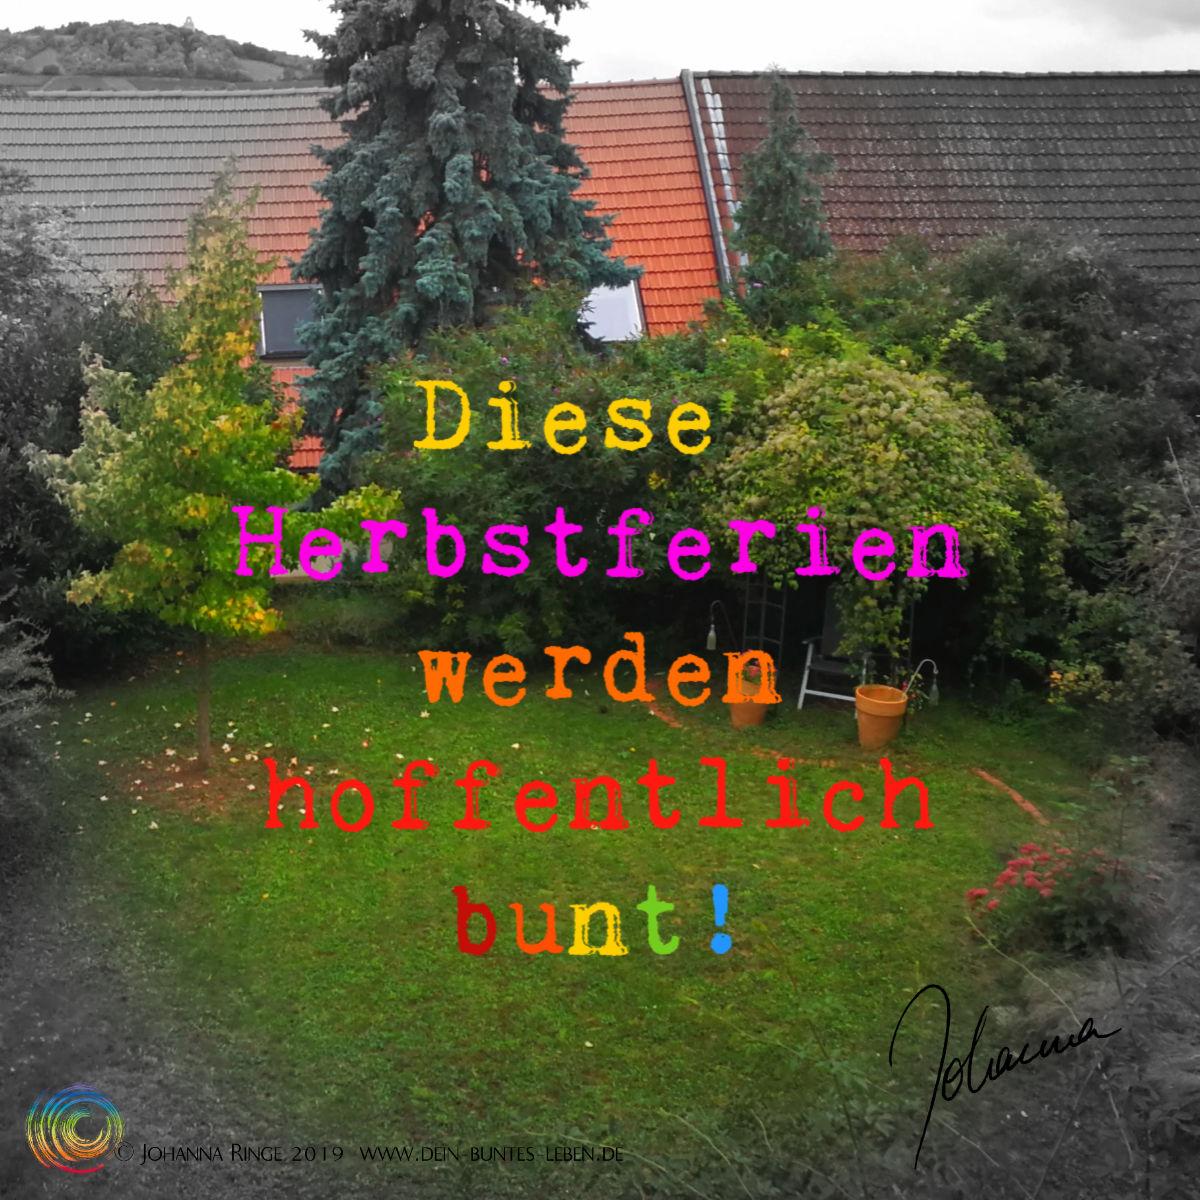 Diese Herbstferien werden hoffentlich bunt! Bunter Text auf Foto von herbstlichem Garten. ©Johanna Ringe 2019 www.dein-buntes-leben.de